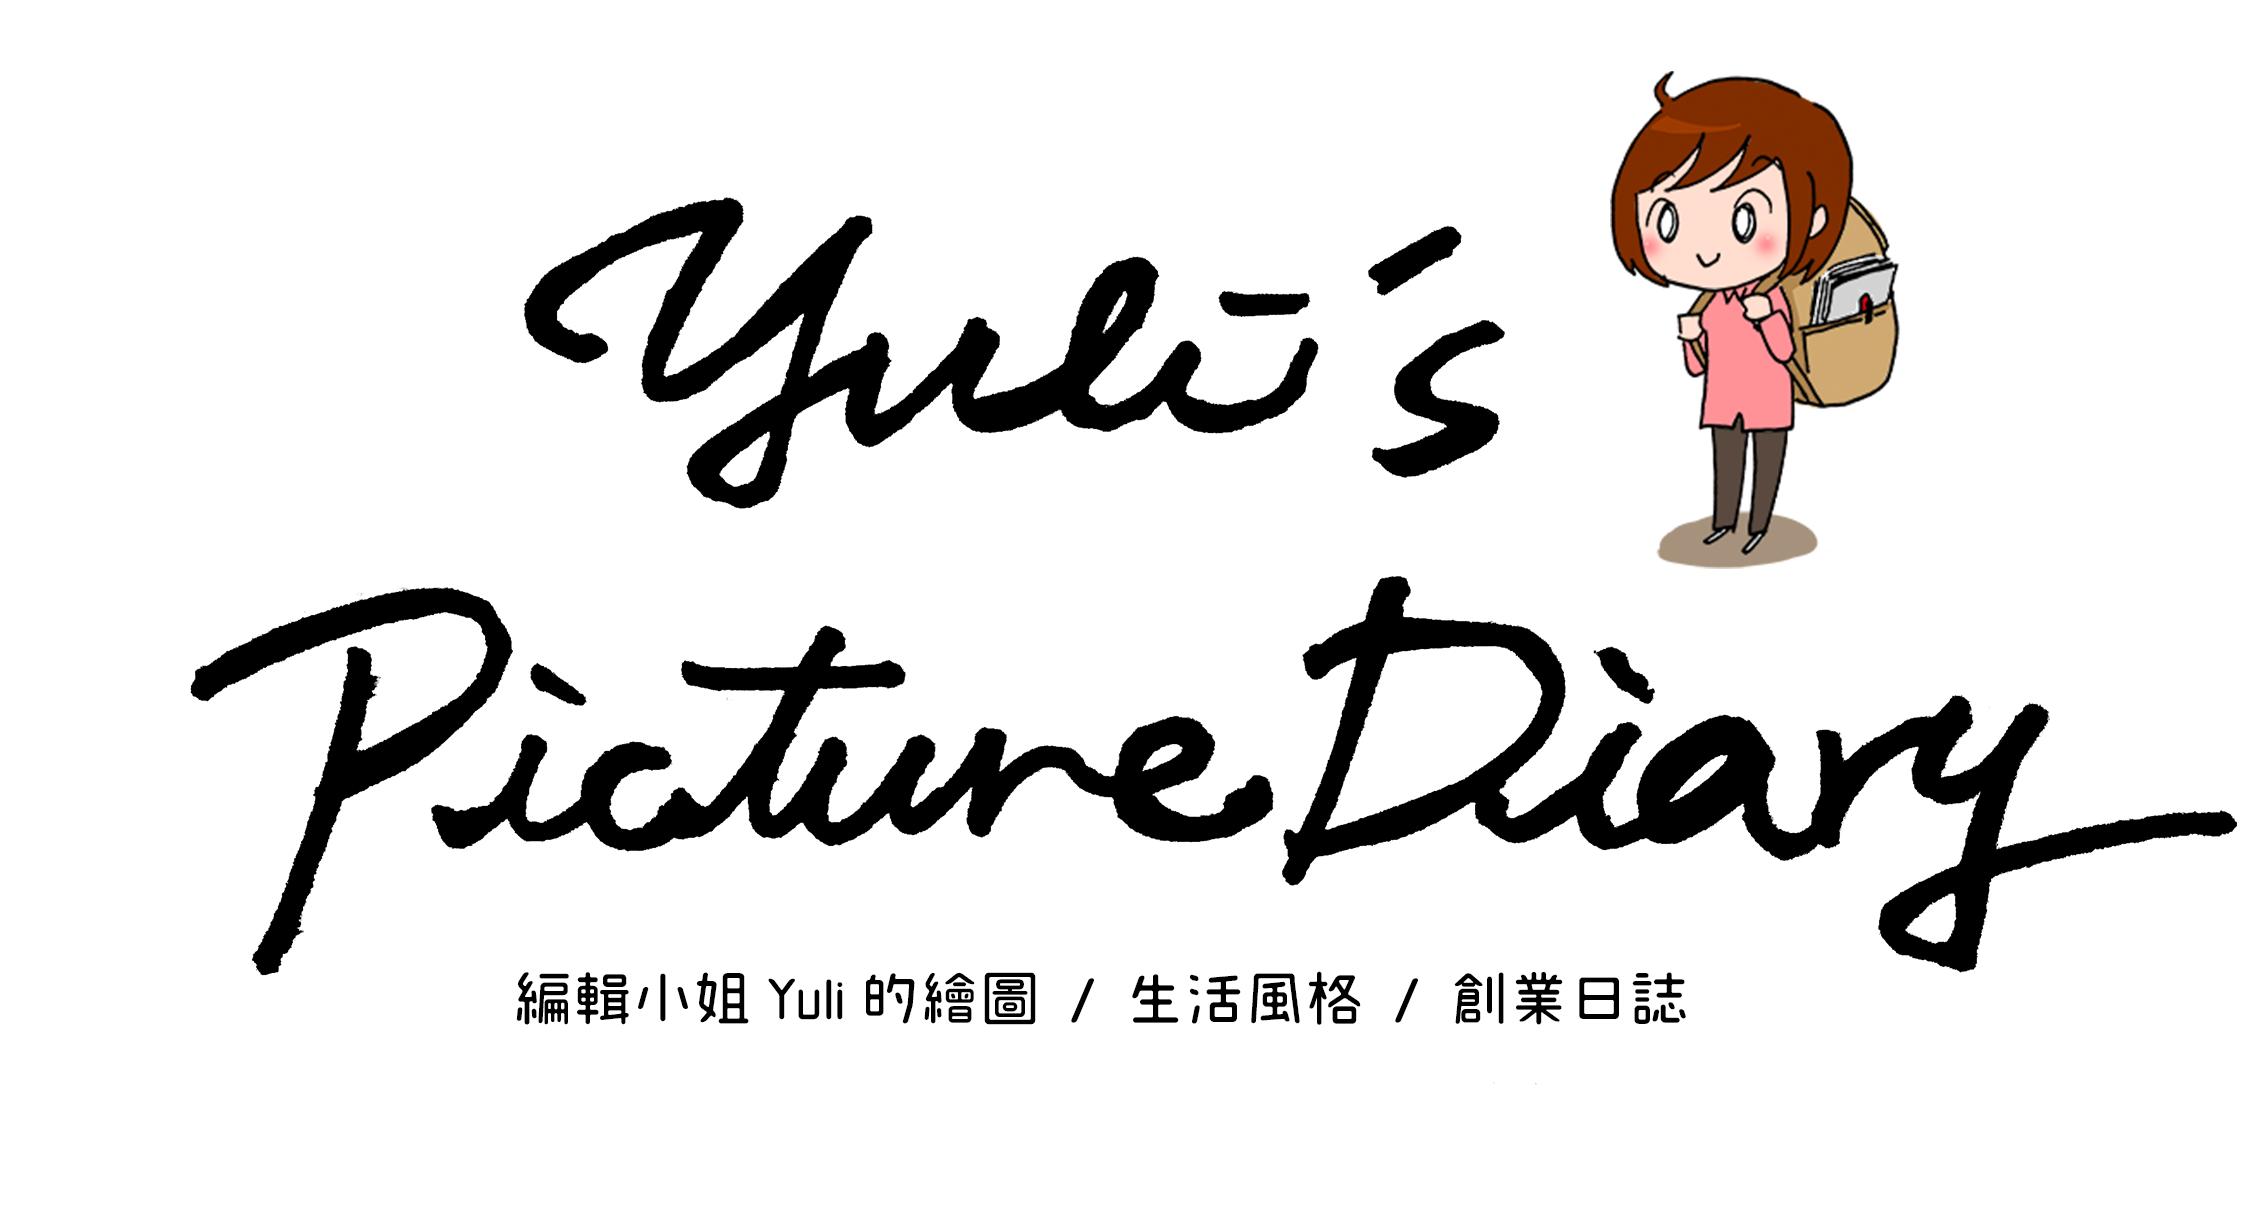 編輯小姐 Yuli 的繪圖日誌